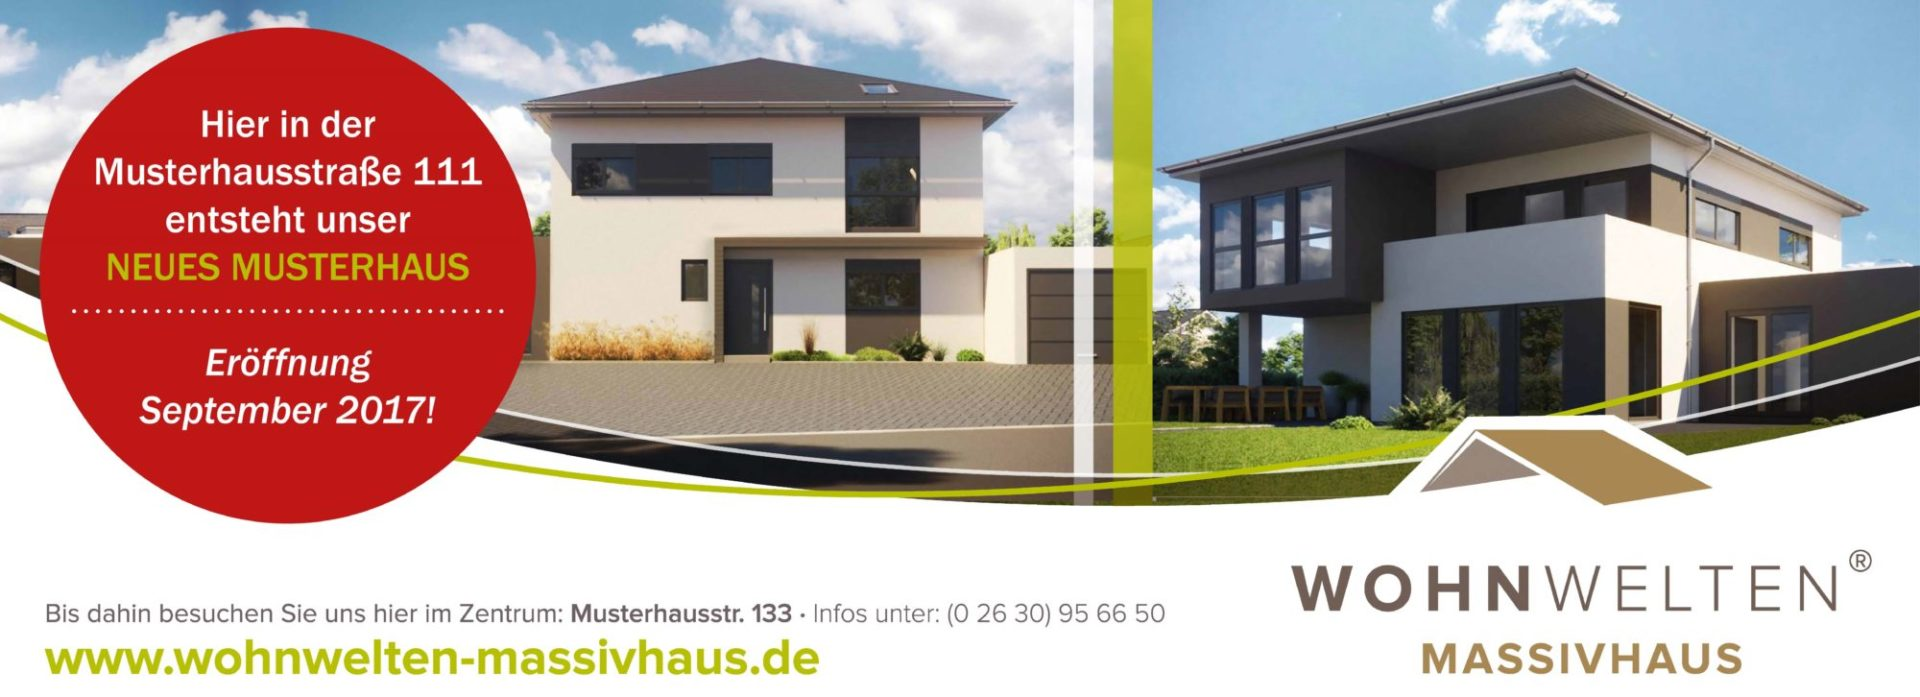 Neues Musterhaus für die Wohnwelten Massivhaus GmbH